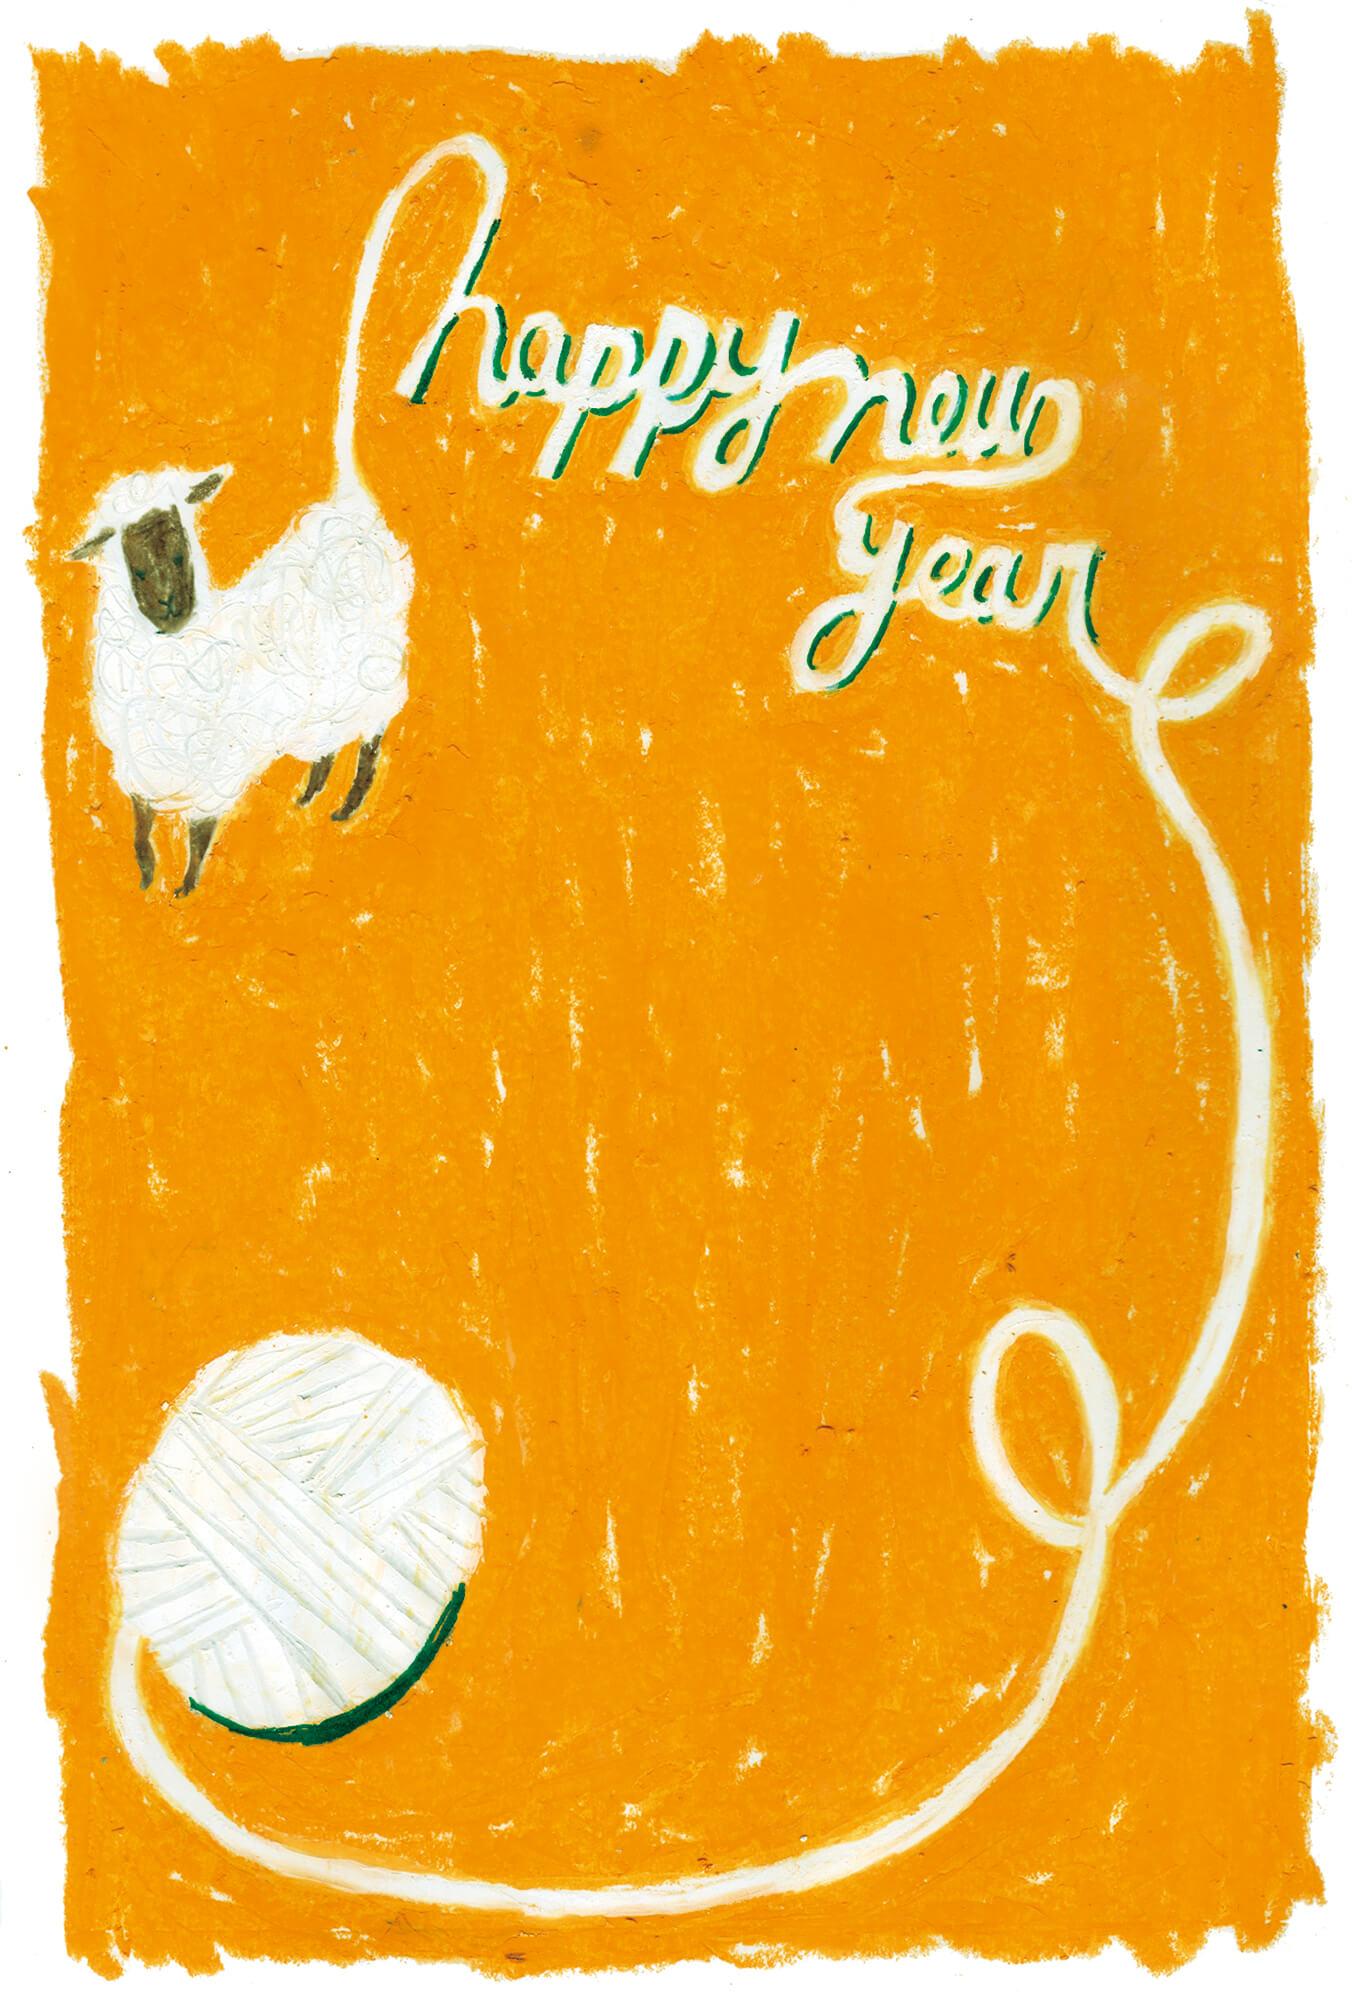 未年年賀状 カードボックス 2015年「New Year's card」